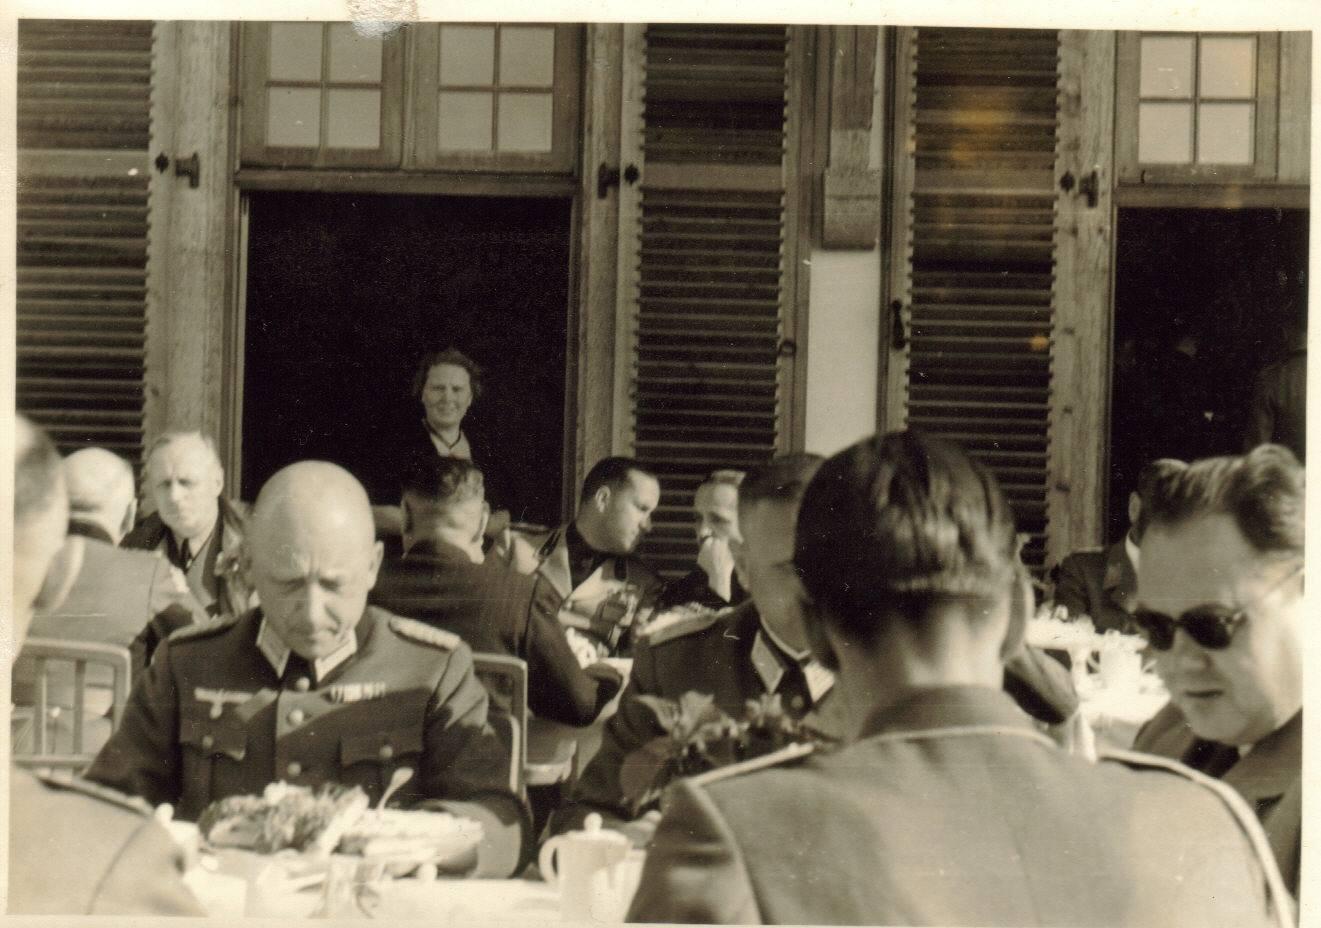 Középen Ciano olasz és Csáky magyar külügyminiszter beszélgetnek, Ribbentrop német külügyminiszter tőlük jobbra ül.